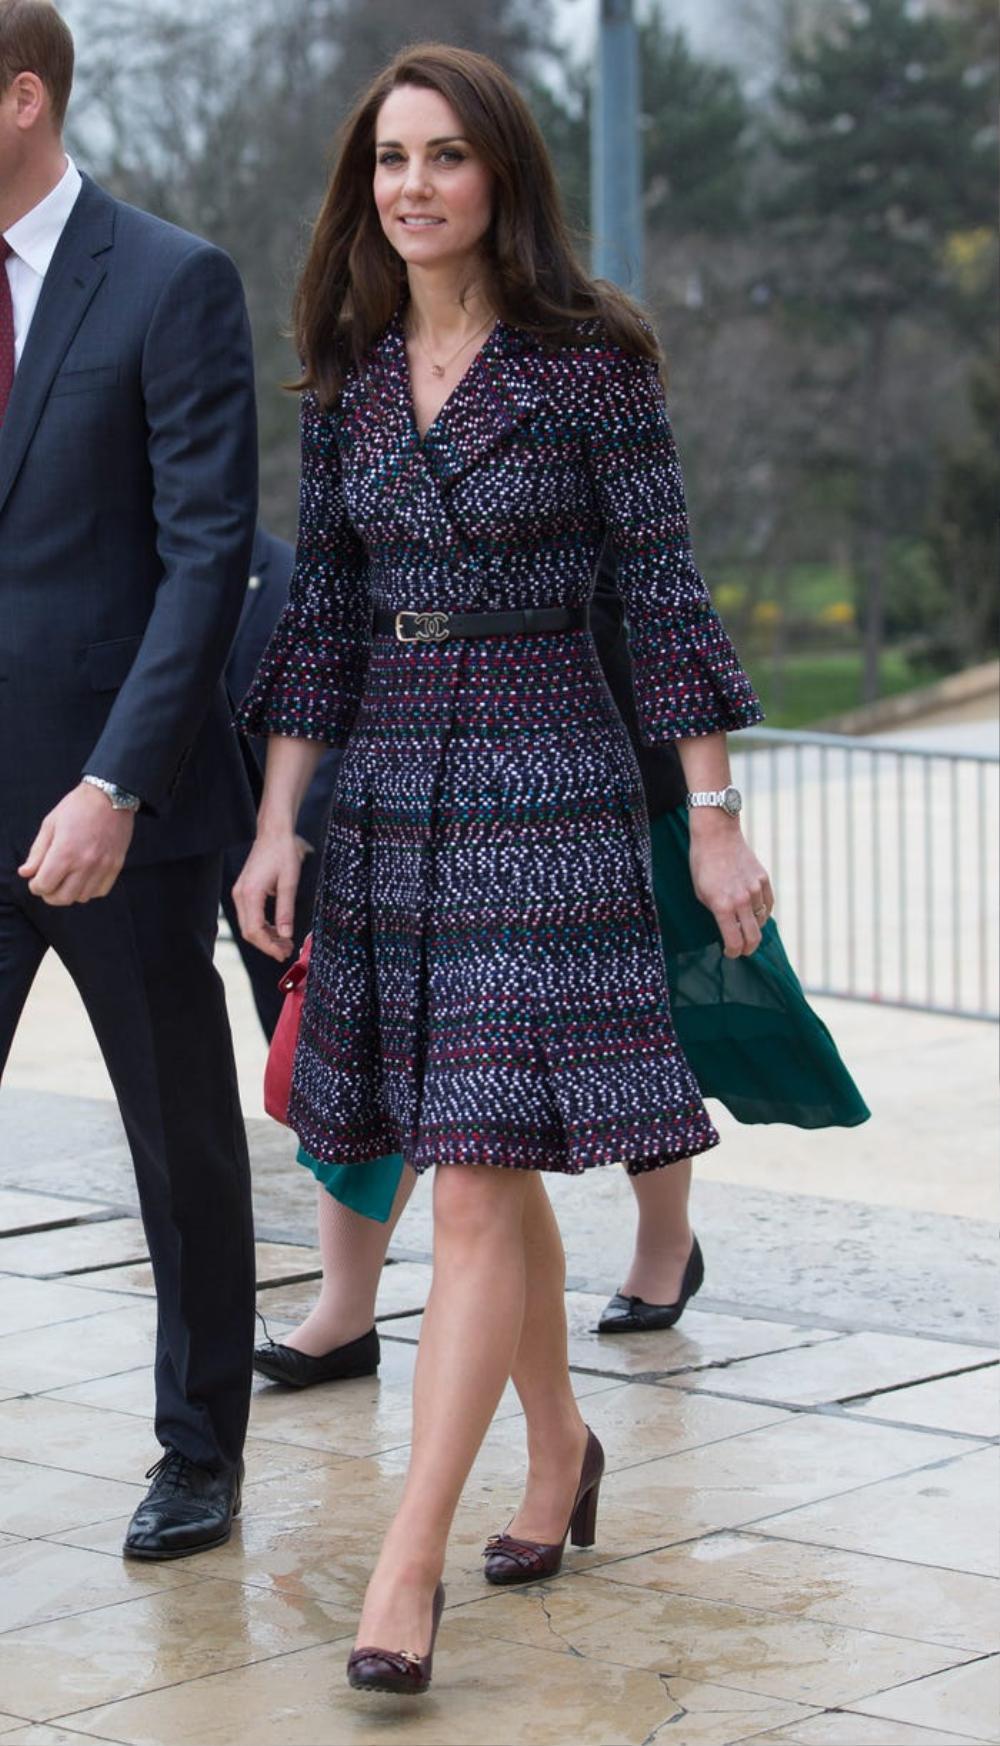 16 trang phục đắt tiền nhất mà thành viên hoàng gia Anh từng mặc Ảnh 11